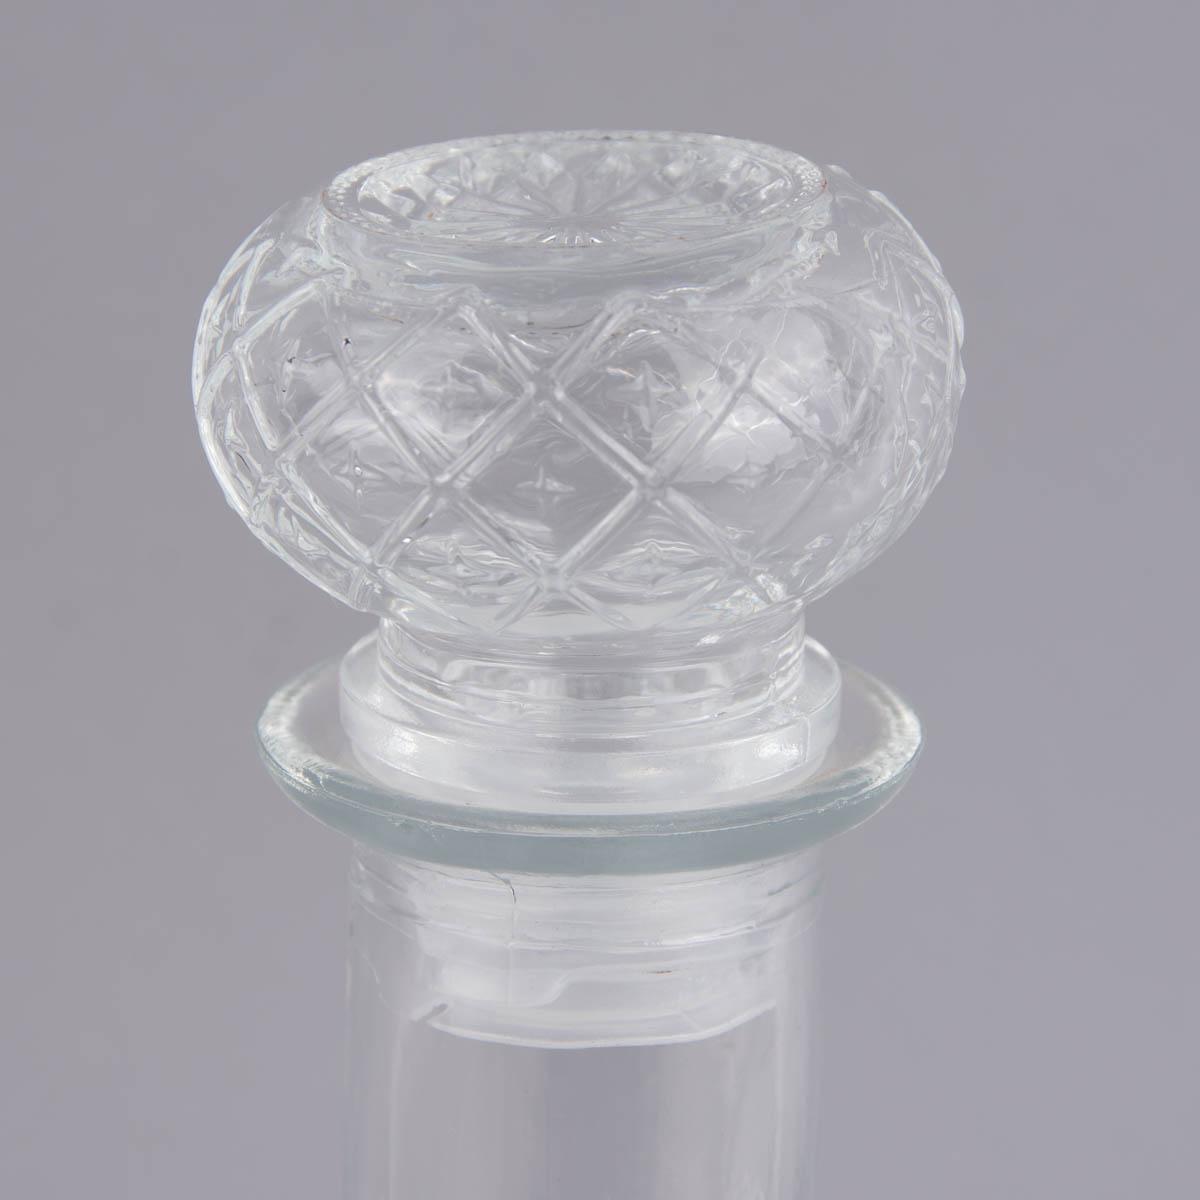 deko flasche mit deckel flacon glas 11x27cm wohnen badaccessoires badaccessoires. Black Bedroom Furniture Sets. Home Design Ideas